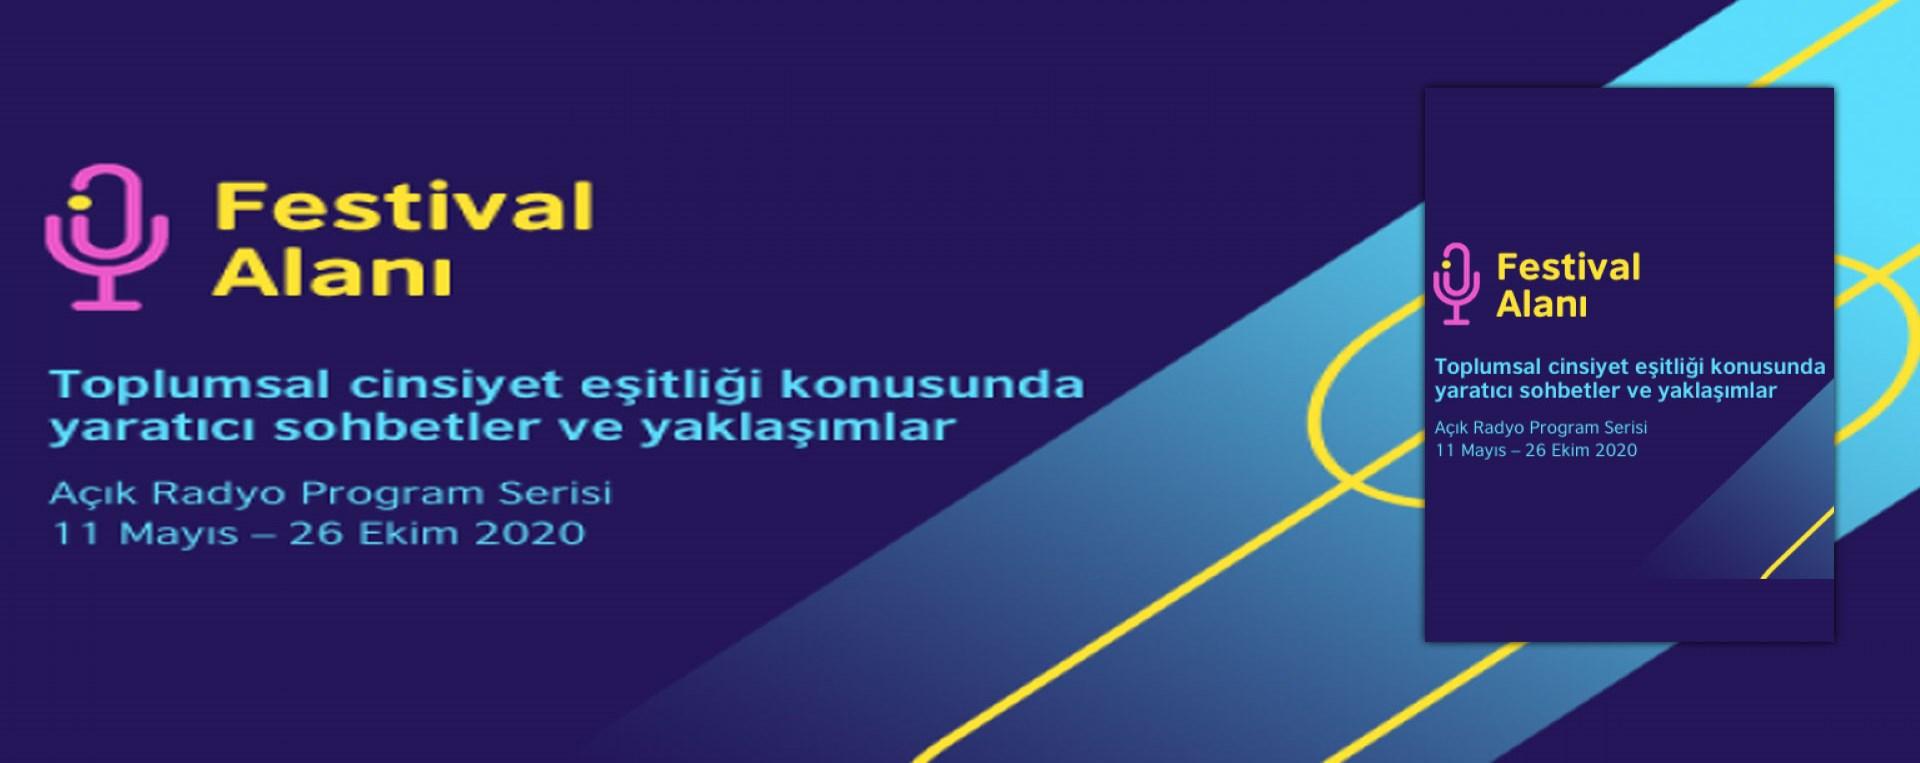 FESTİVAL ALANI